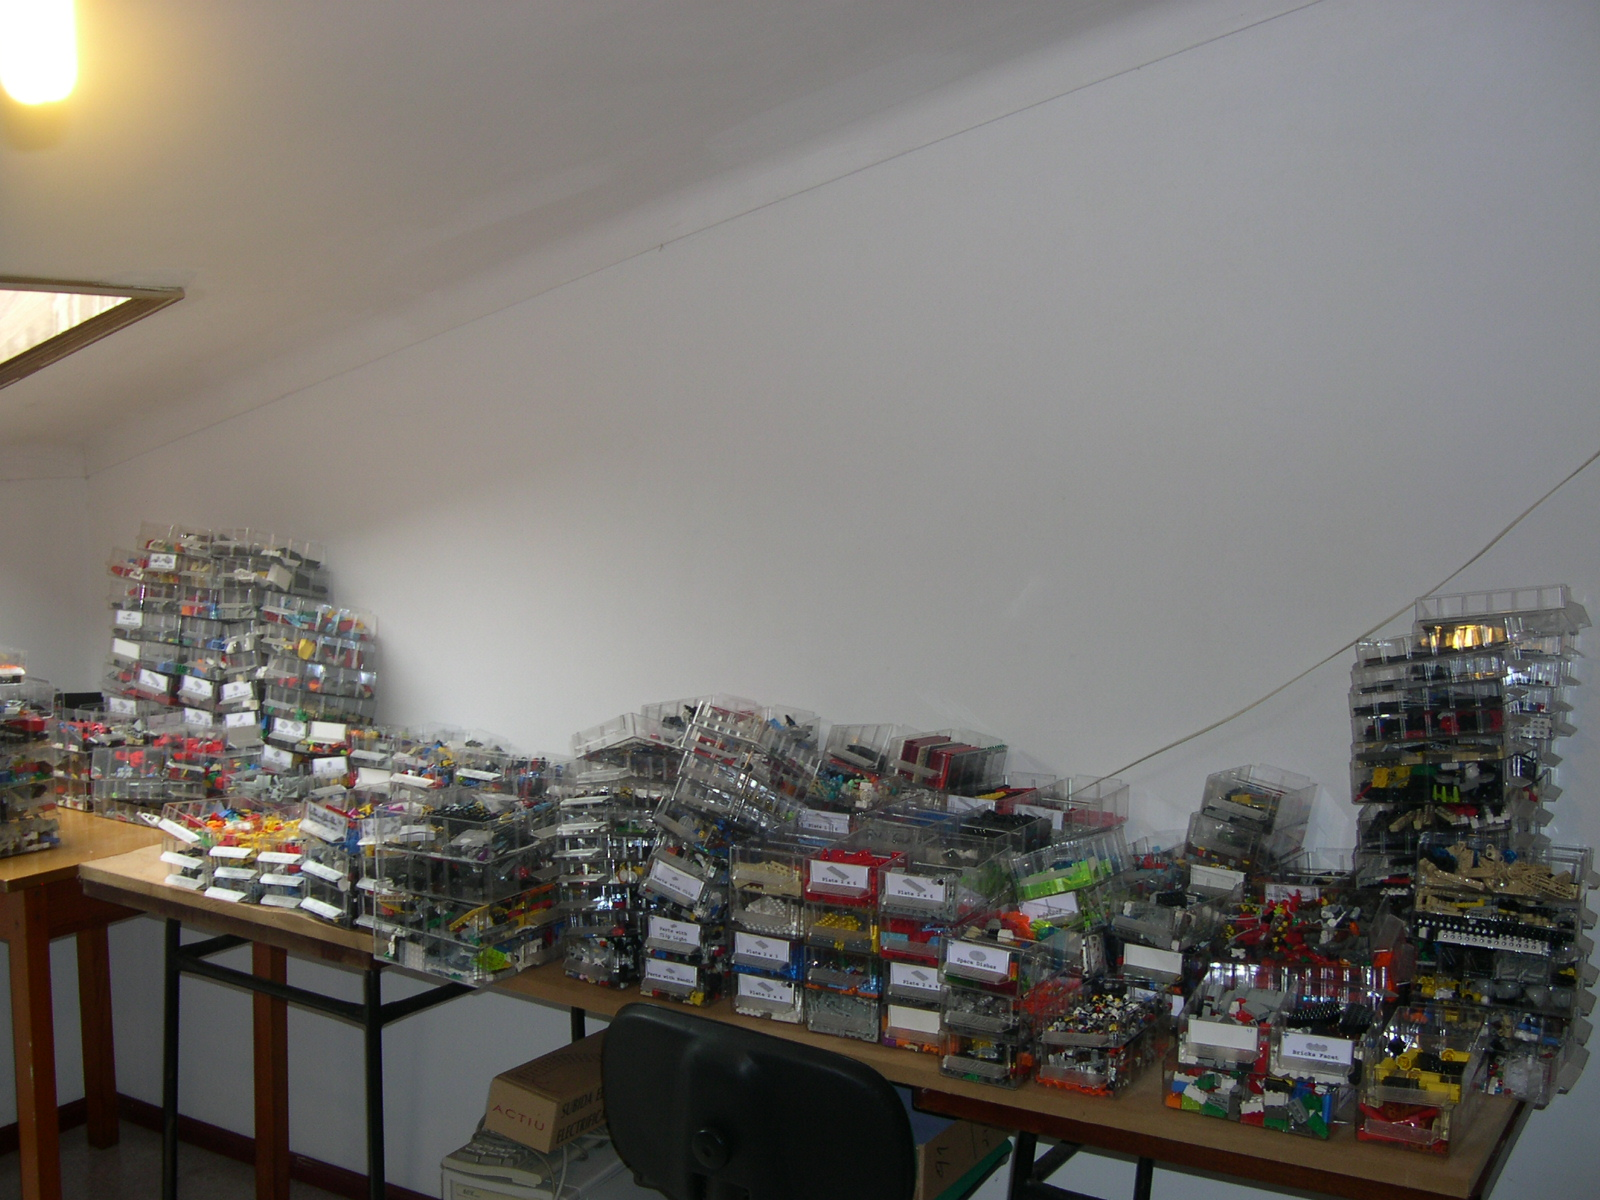 gavetas cheias